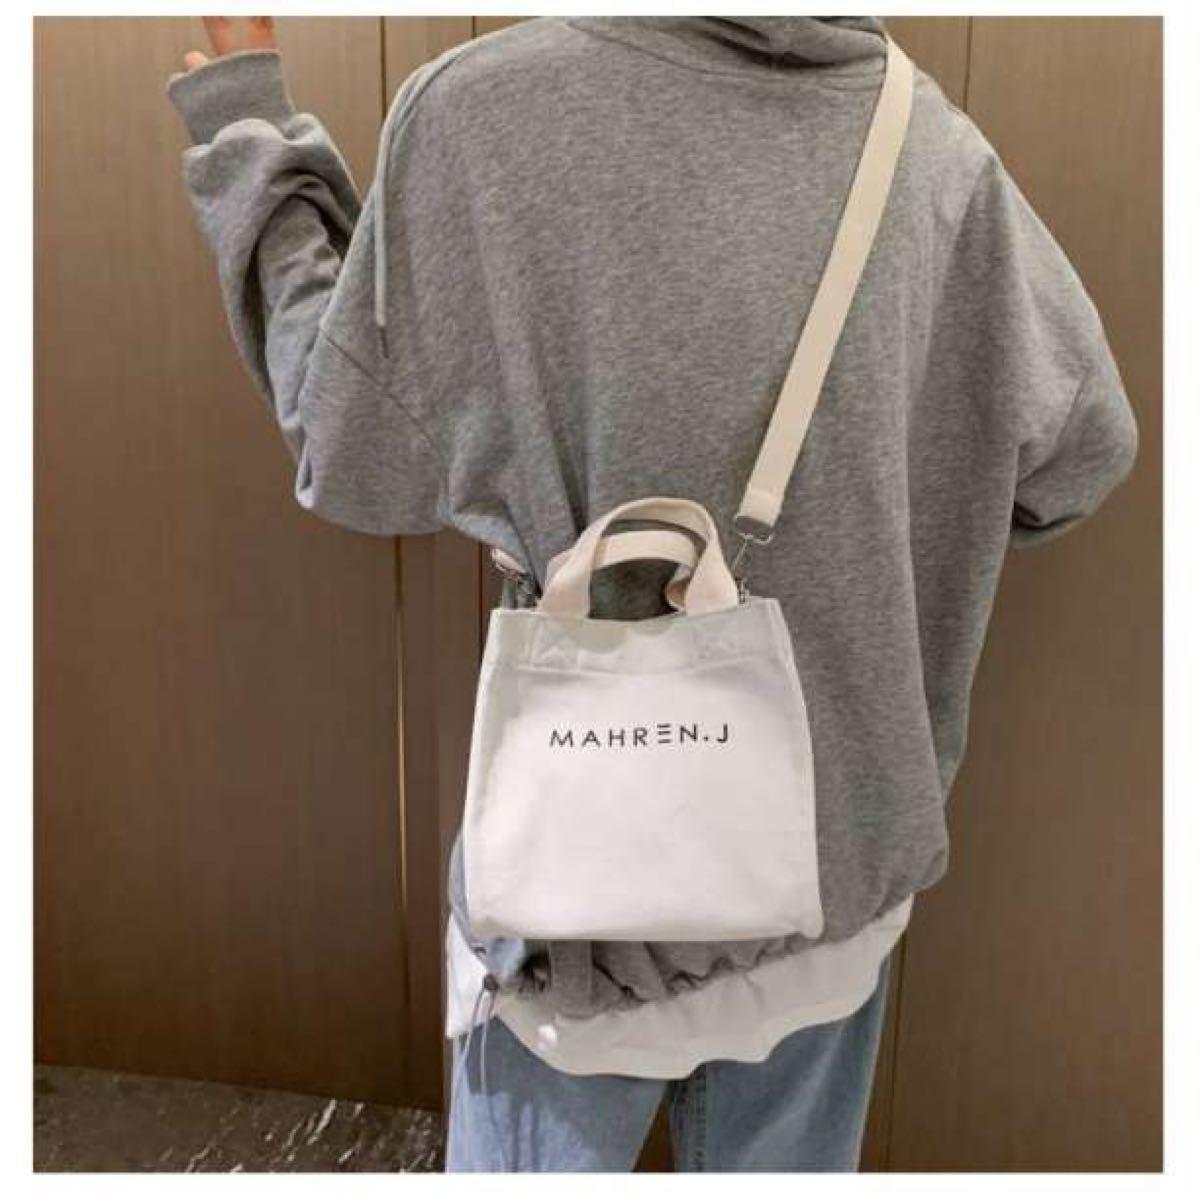 ミニトート 厚手 キャンバス ショルダー ミニバッグ 小さめ 韓国 ブランド 白 ハンドバッグ プチプラ 激安 お買い得 可愛い